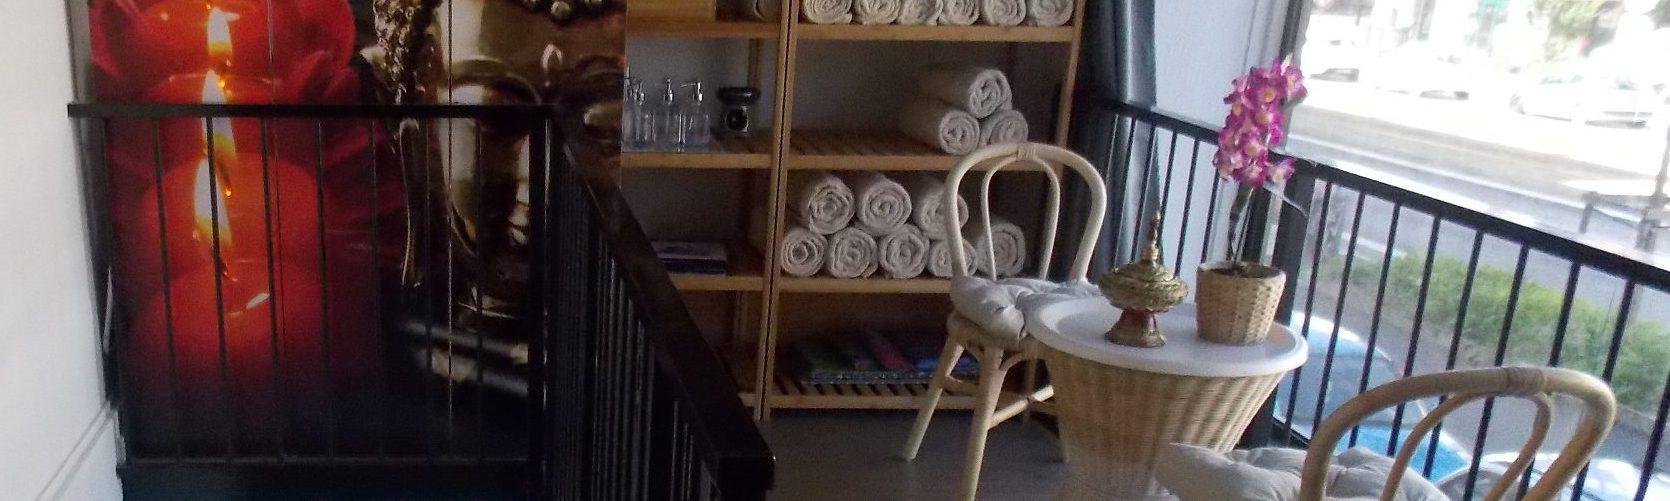 2 masseuses de grenoble - 3 3